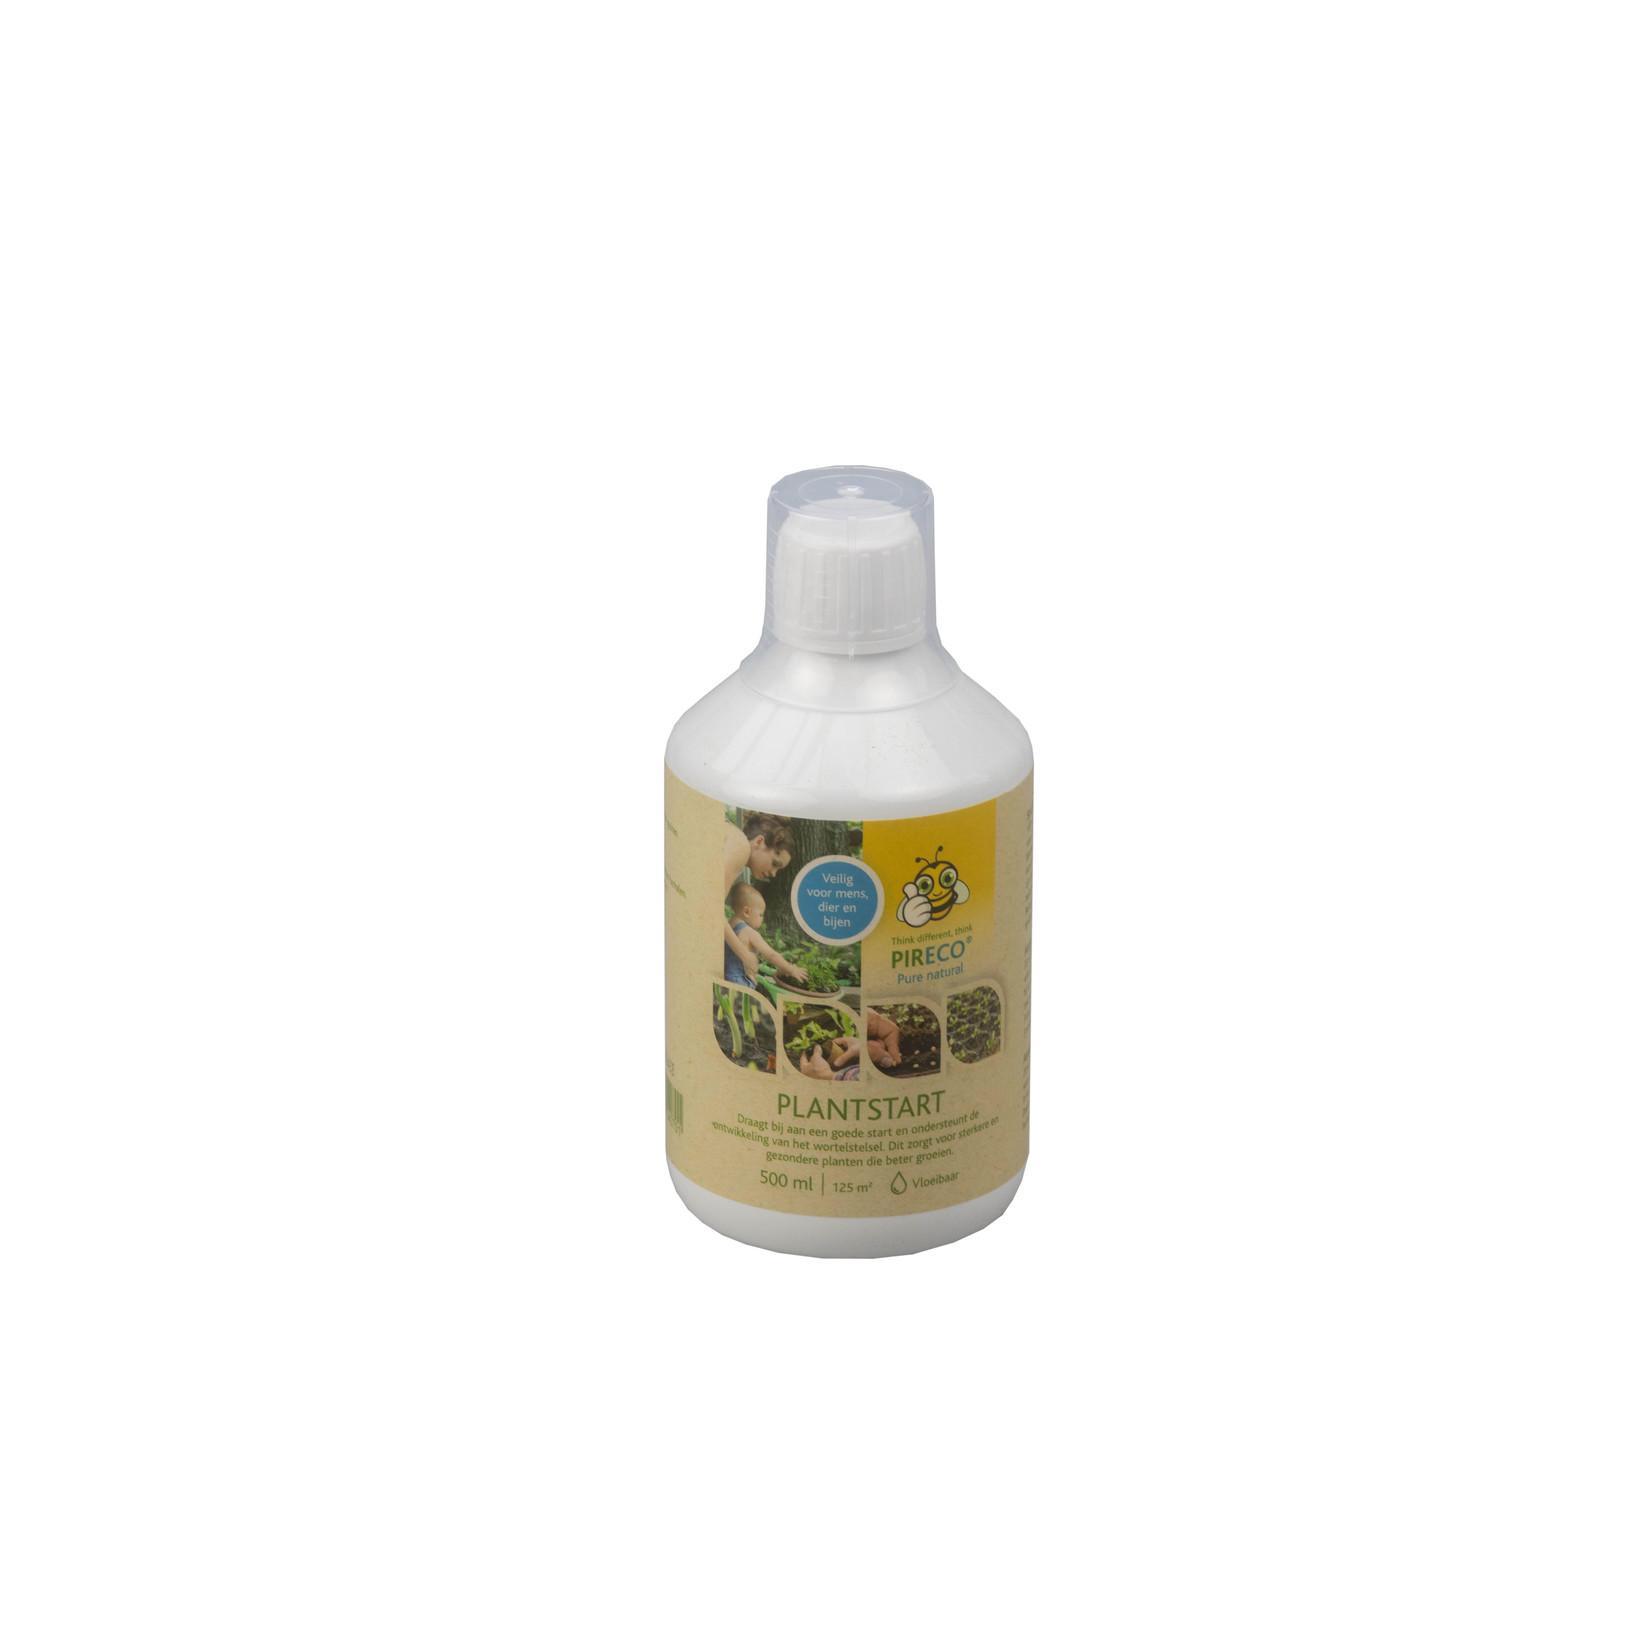 Pireco Plantstart vloeibaar 500 ml